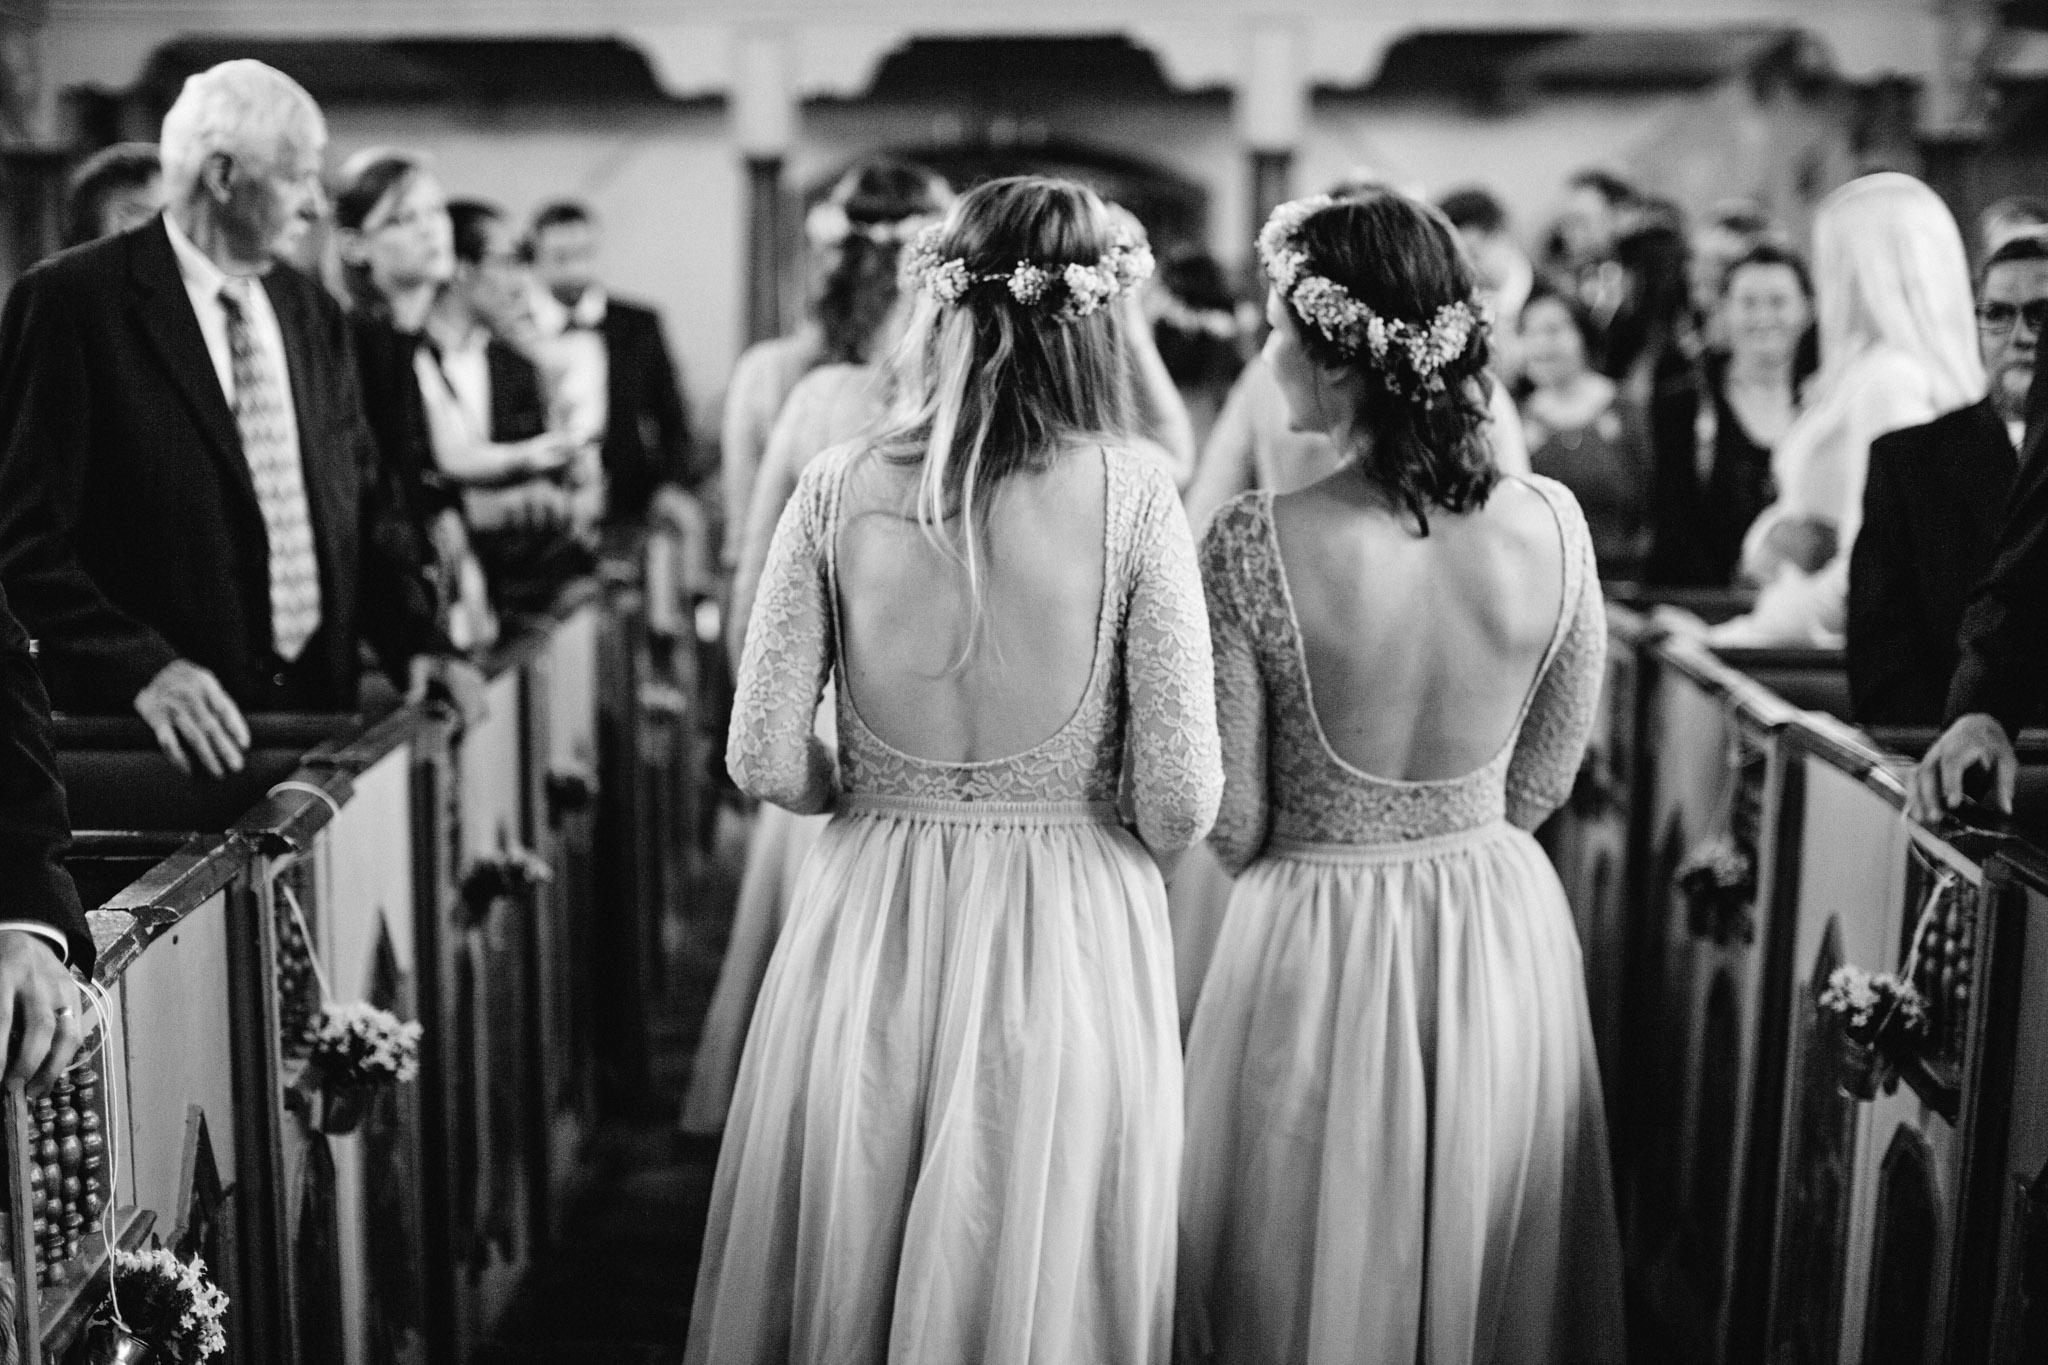 Nordhausen-Harz-Hochzeit-Pia-Anna-Christian-Wedding-Photography-LM-44.jpg